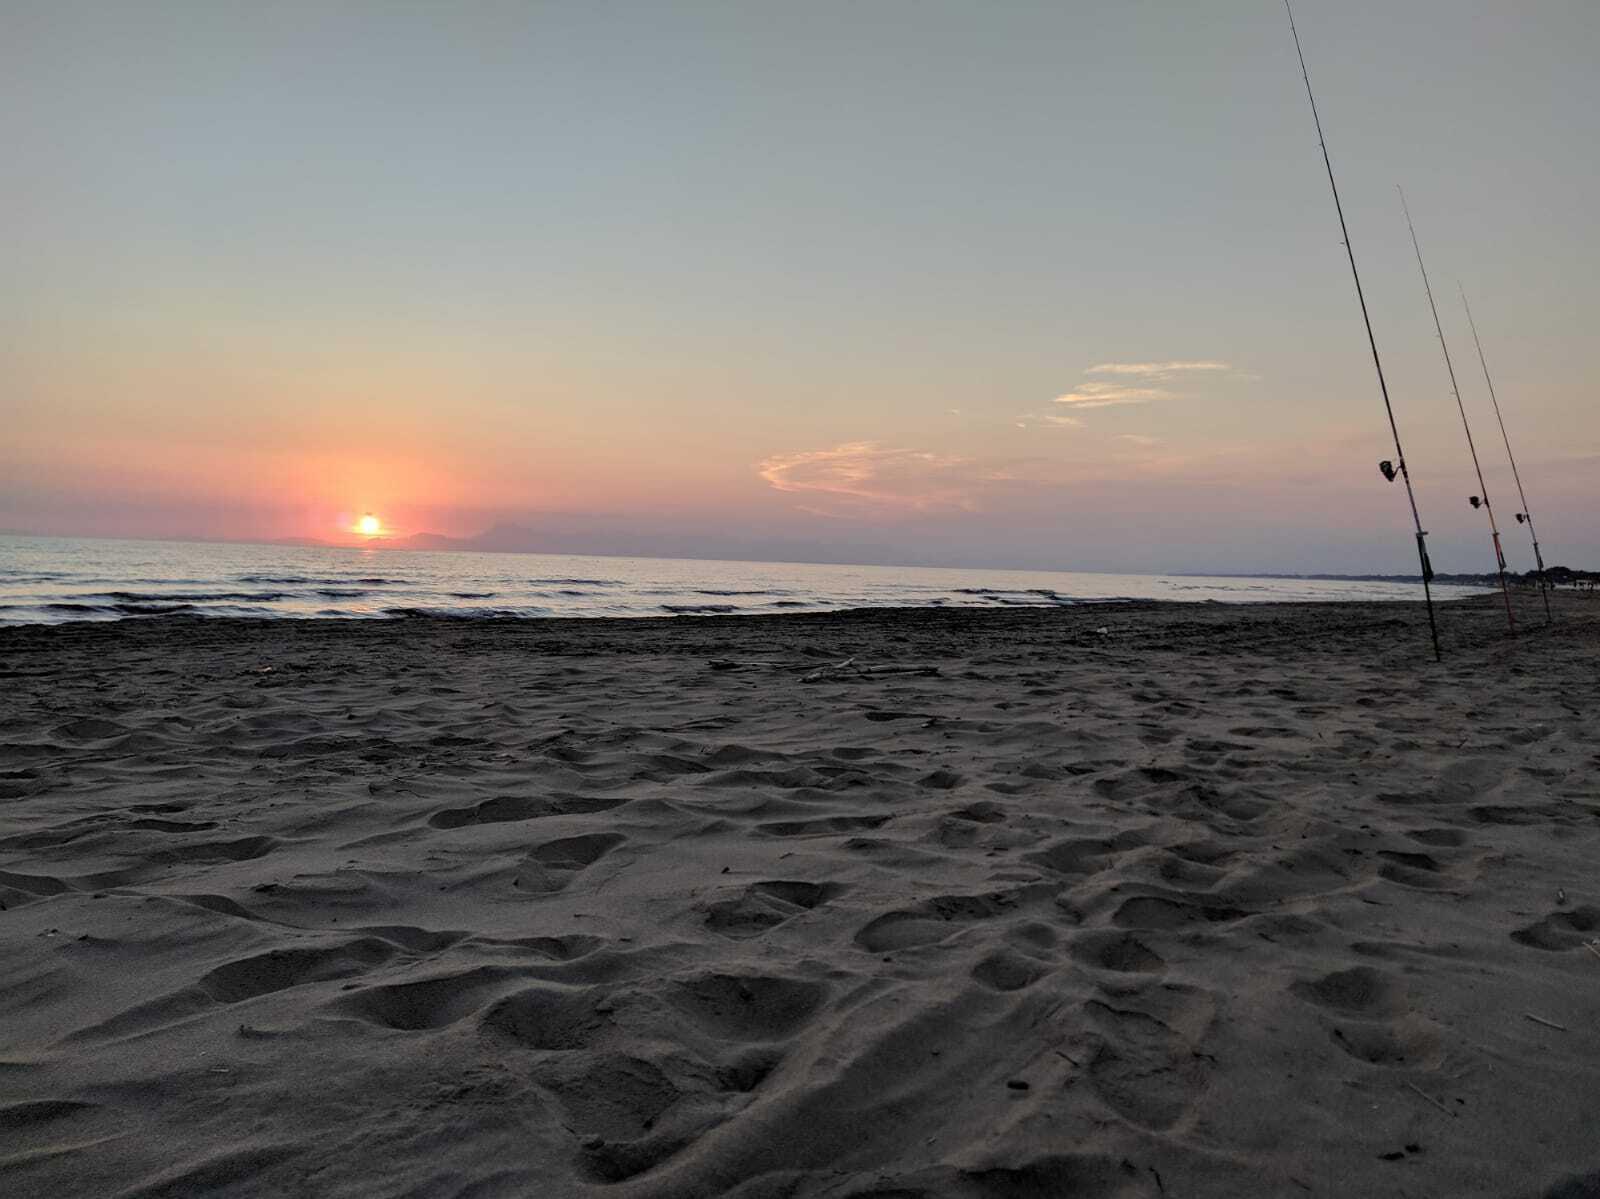 surfcasting-tramonto